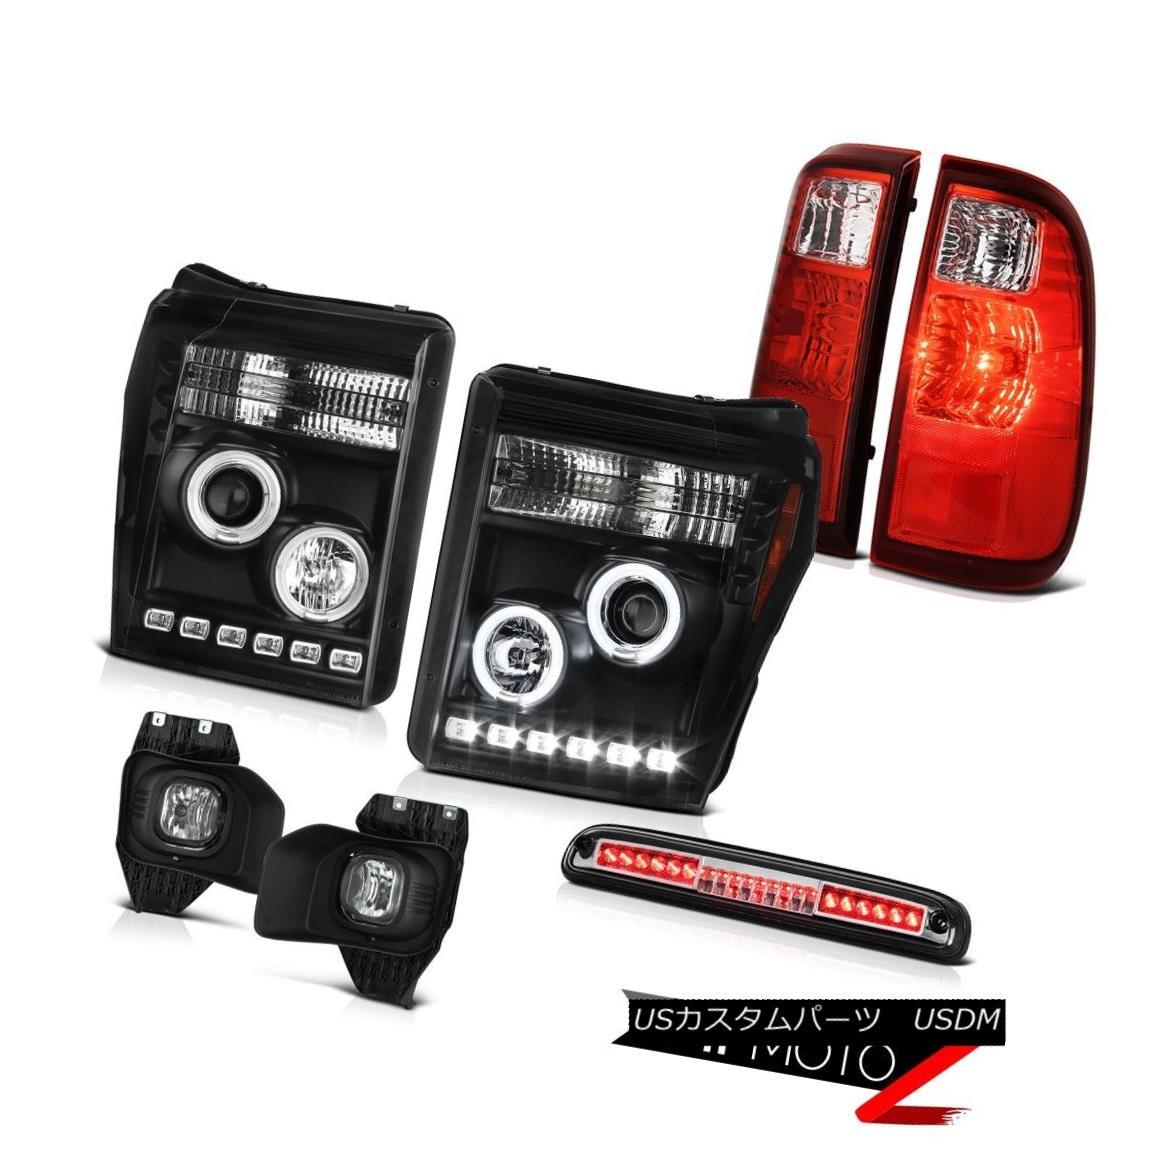 ヘッドライト 2011-2016 F250 Xl 3RD Brake Light Foglights Red Taillamps Projector Headlamps 2011-2016 F250 XR 3RDブレーキライトフォグライトレッドタイルランププロジェクターヘッドランプ